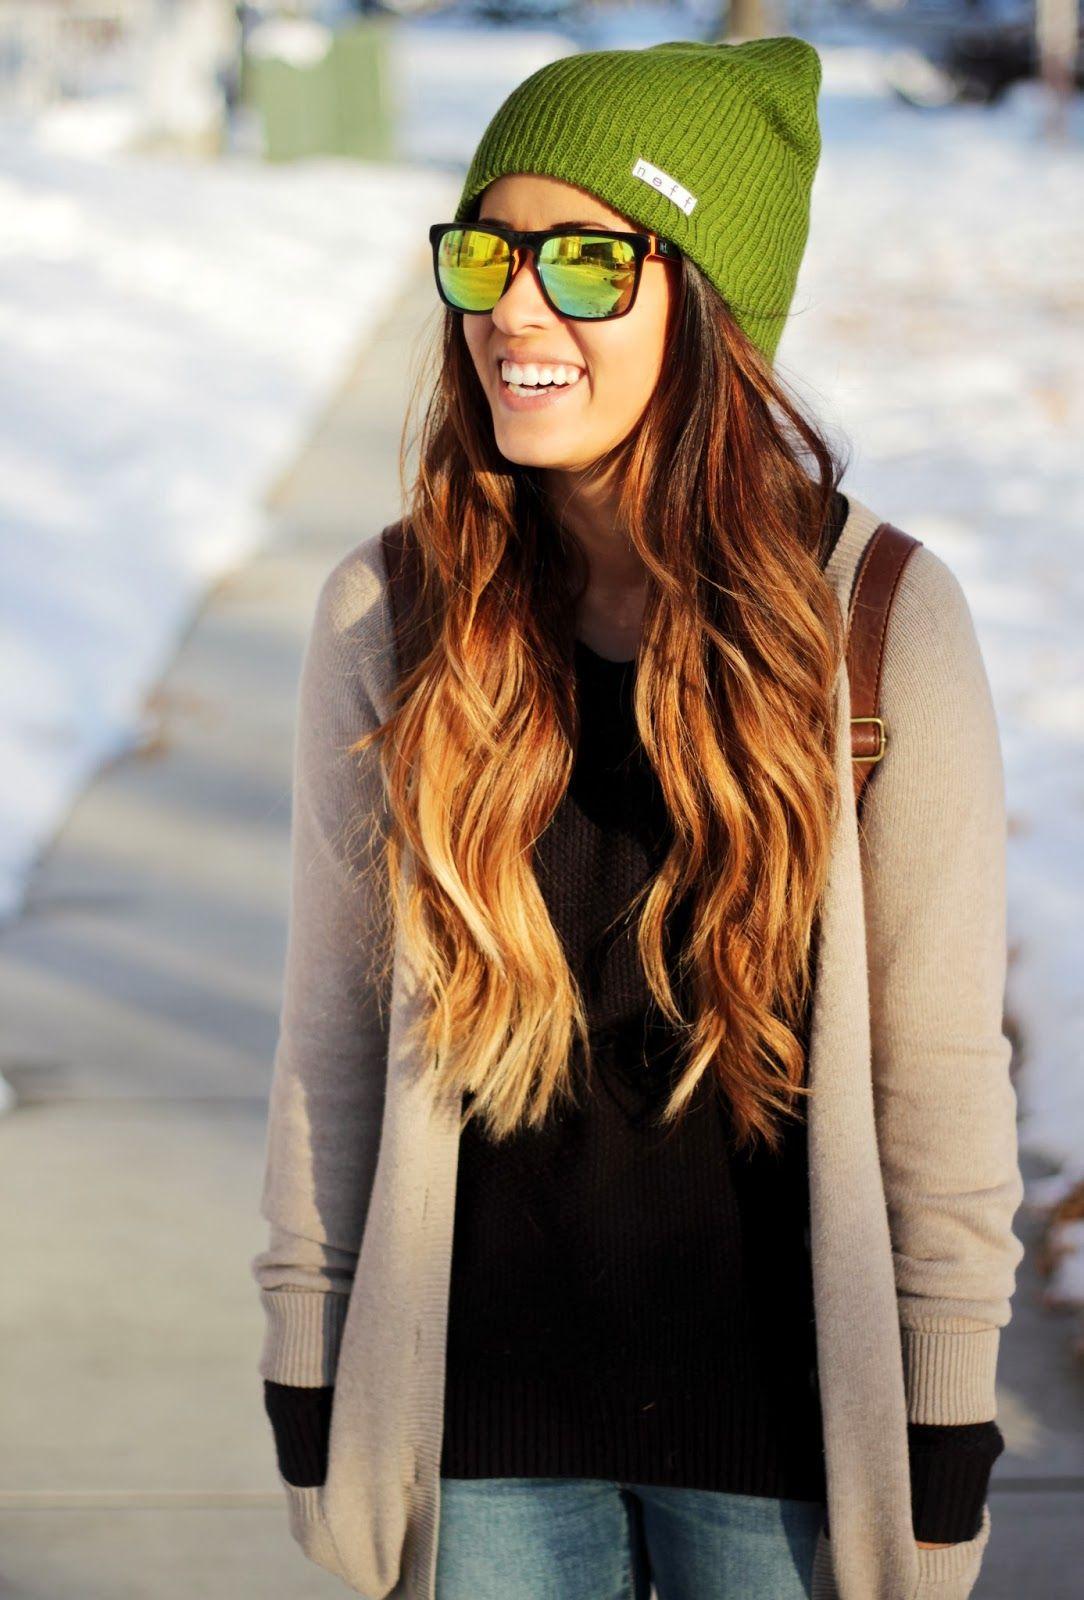 Ltd. Optics Sunglasses GIVEAWAY! Winter sunglasses